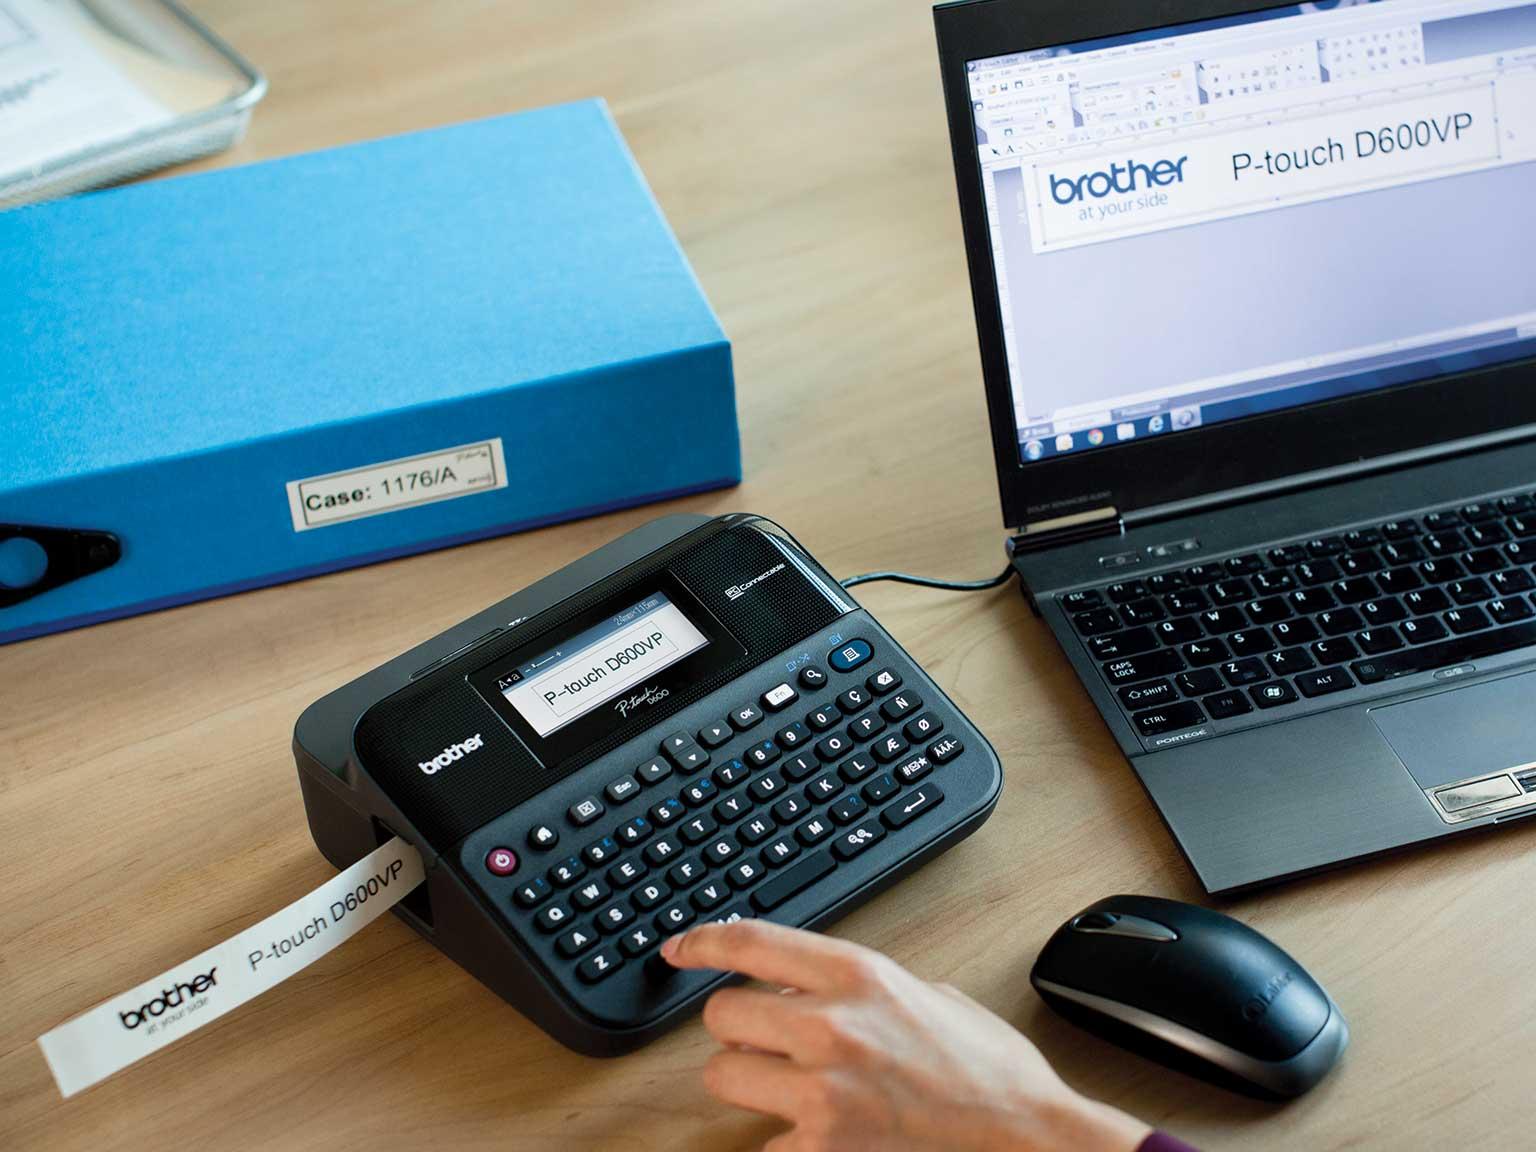 tiskalnik obstojnih nalepk P-touch na pisarniški mizi, priključeni na računalnik